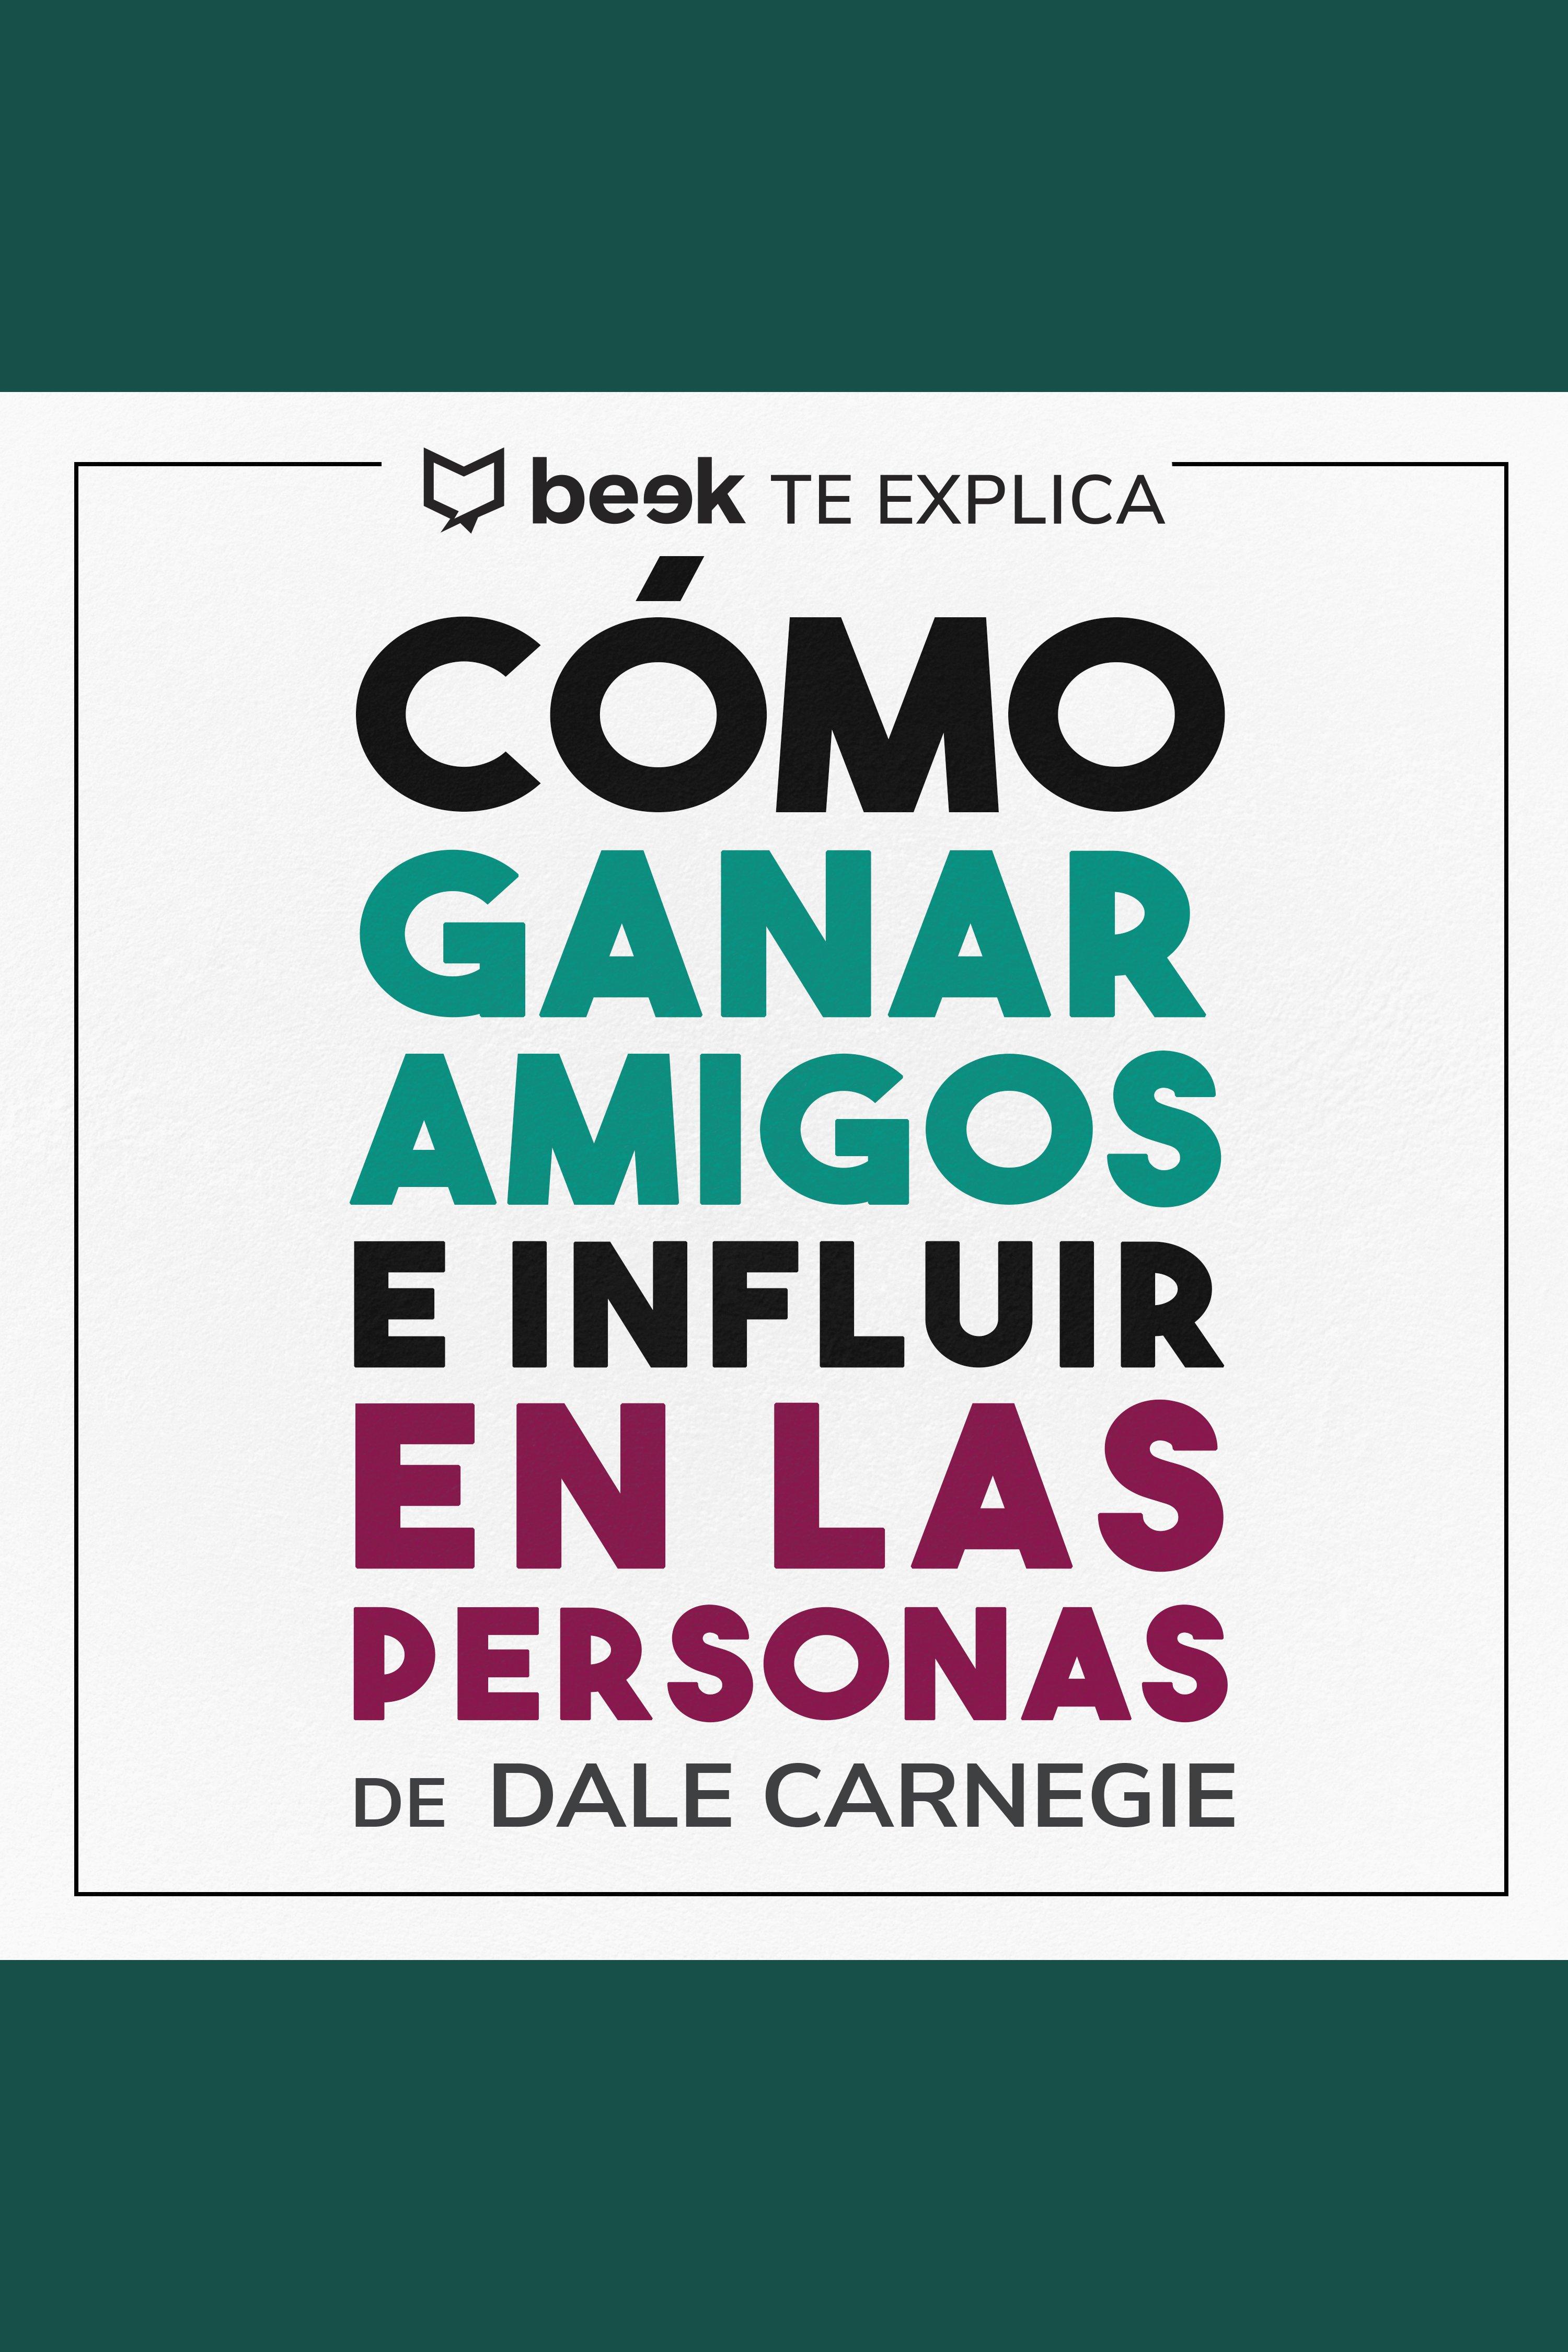 Esta es la portada del audiolibro Cómo ganar amigos e influir sobre las personas… Beek te explica